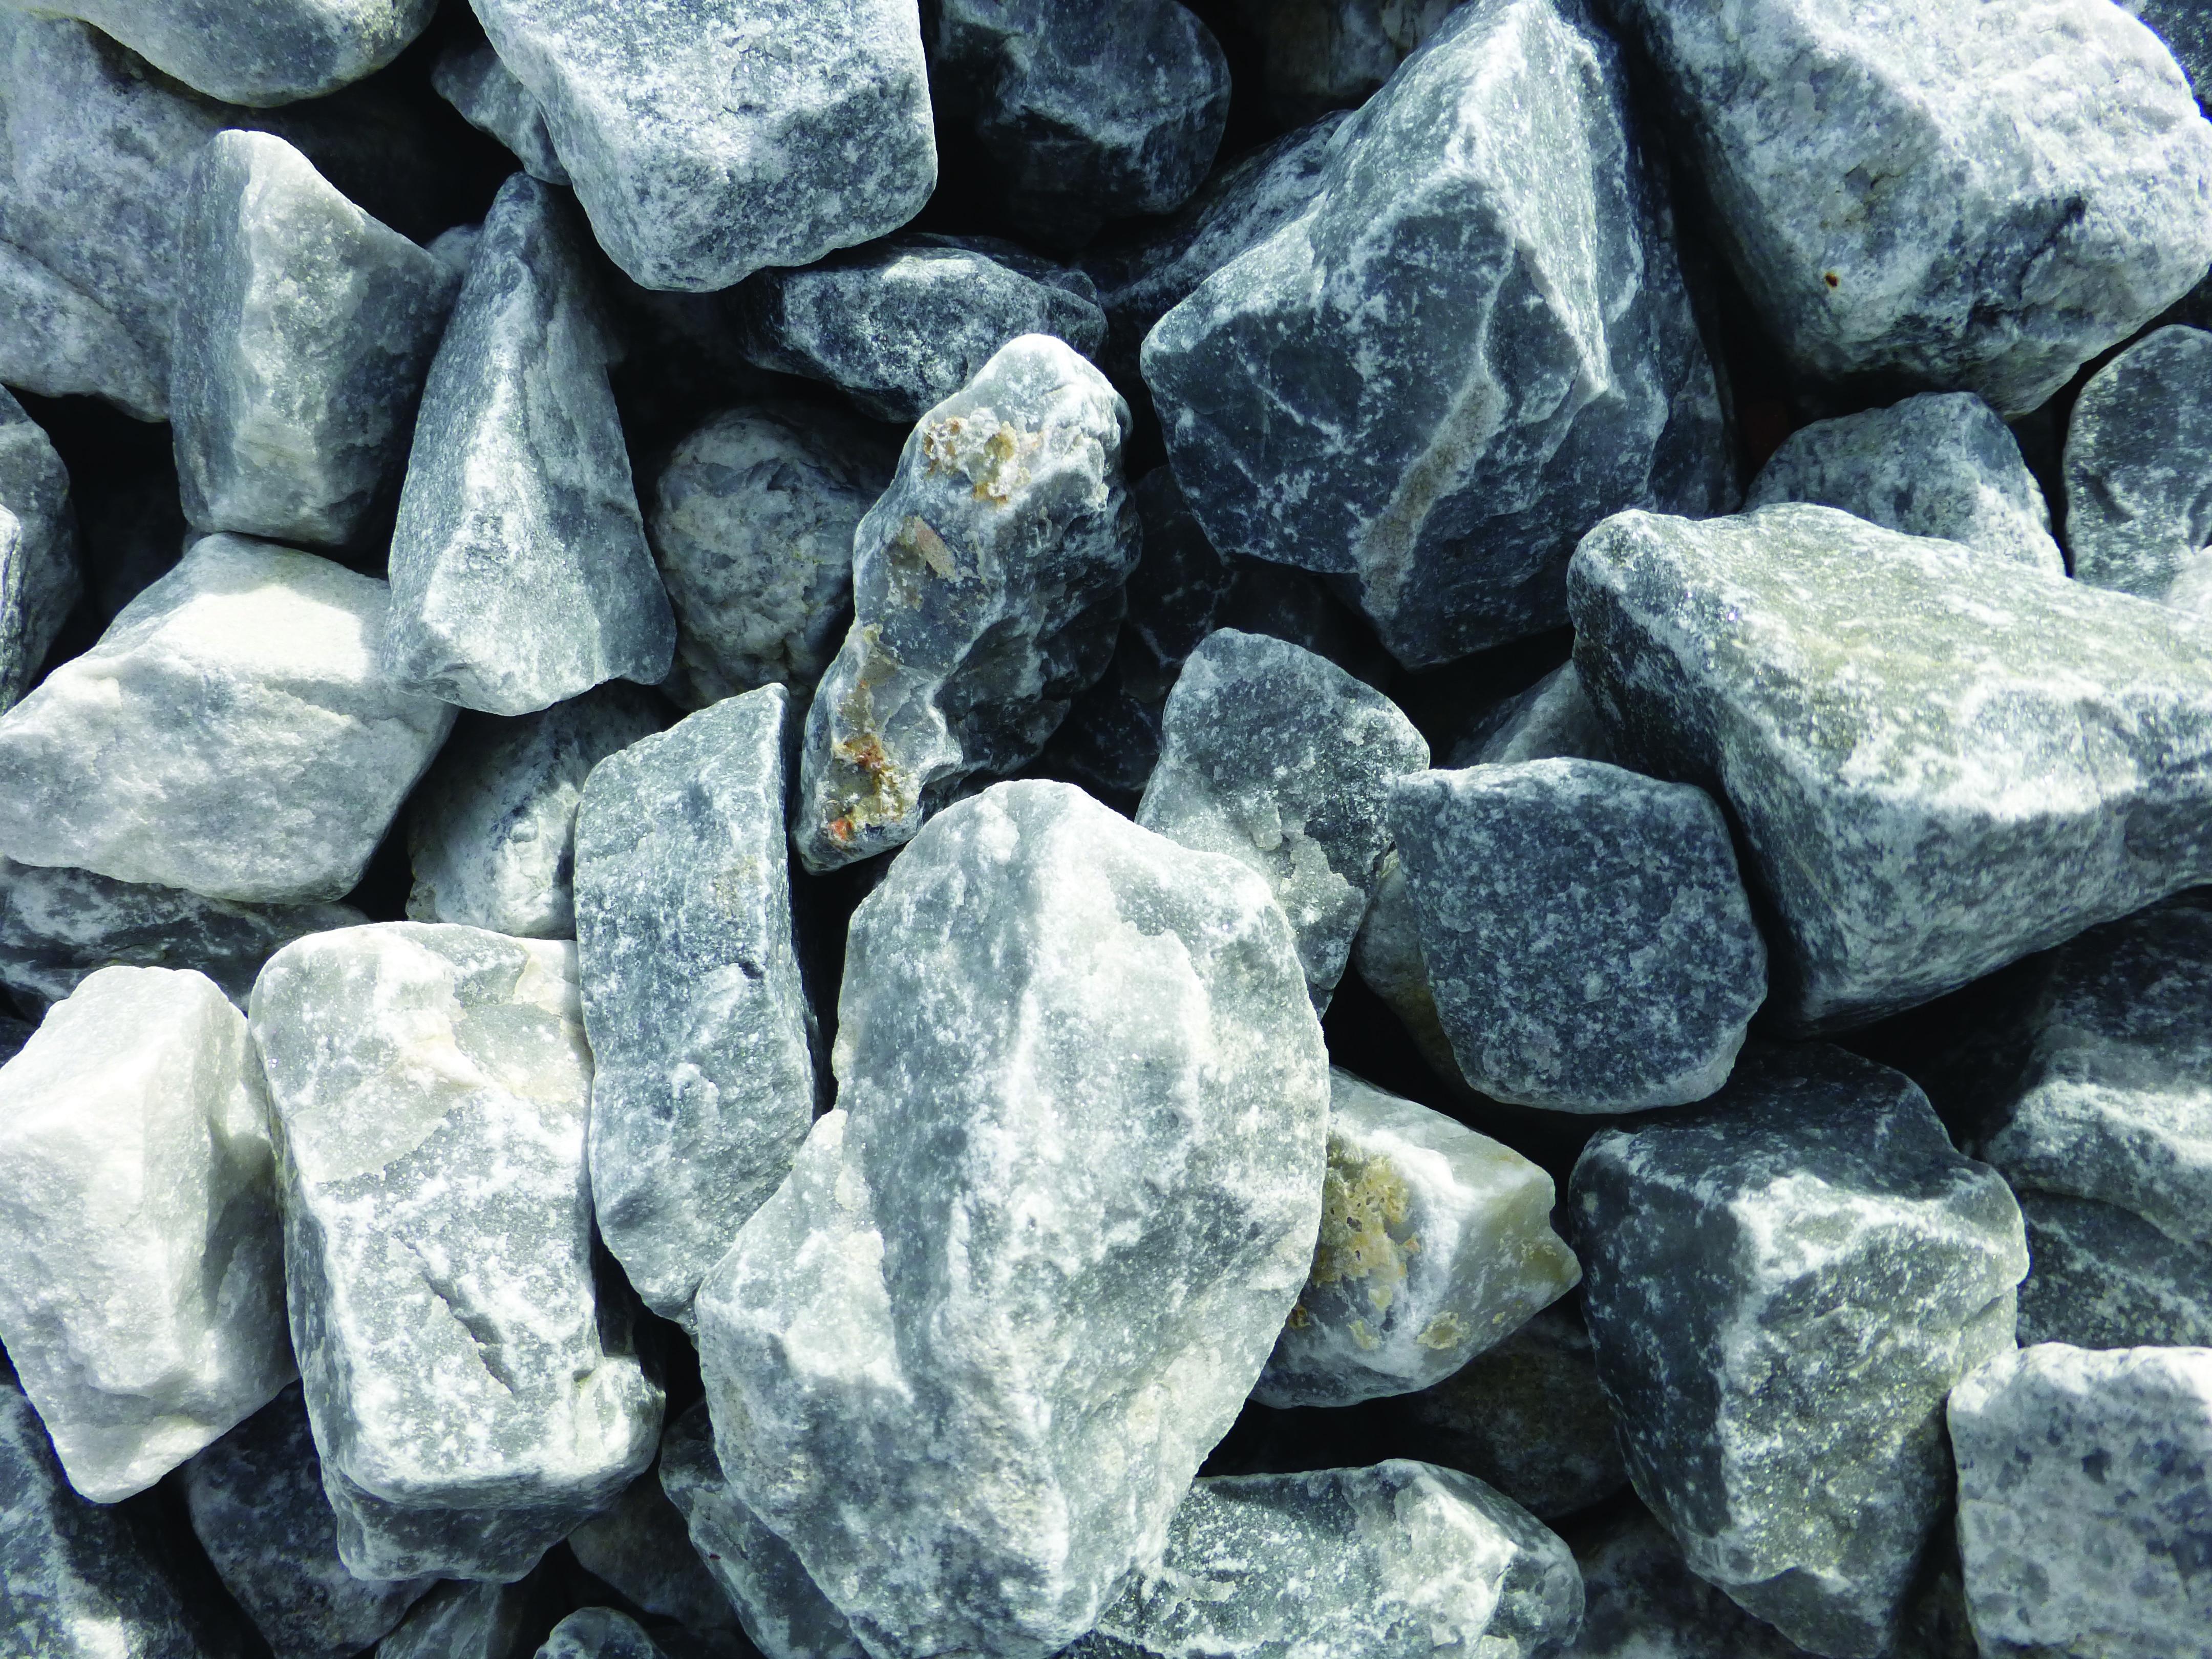 pierre concassée bleue glace